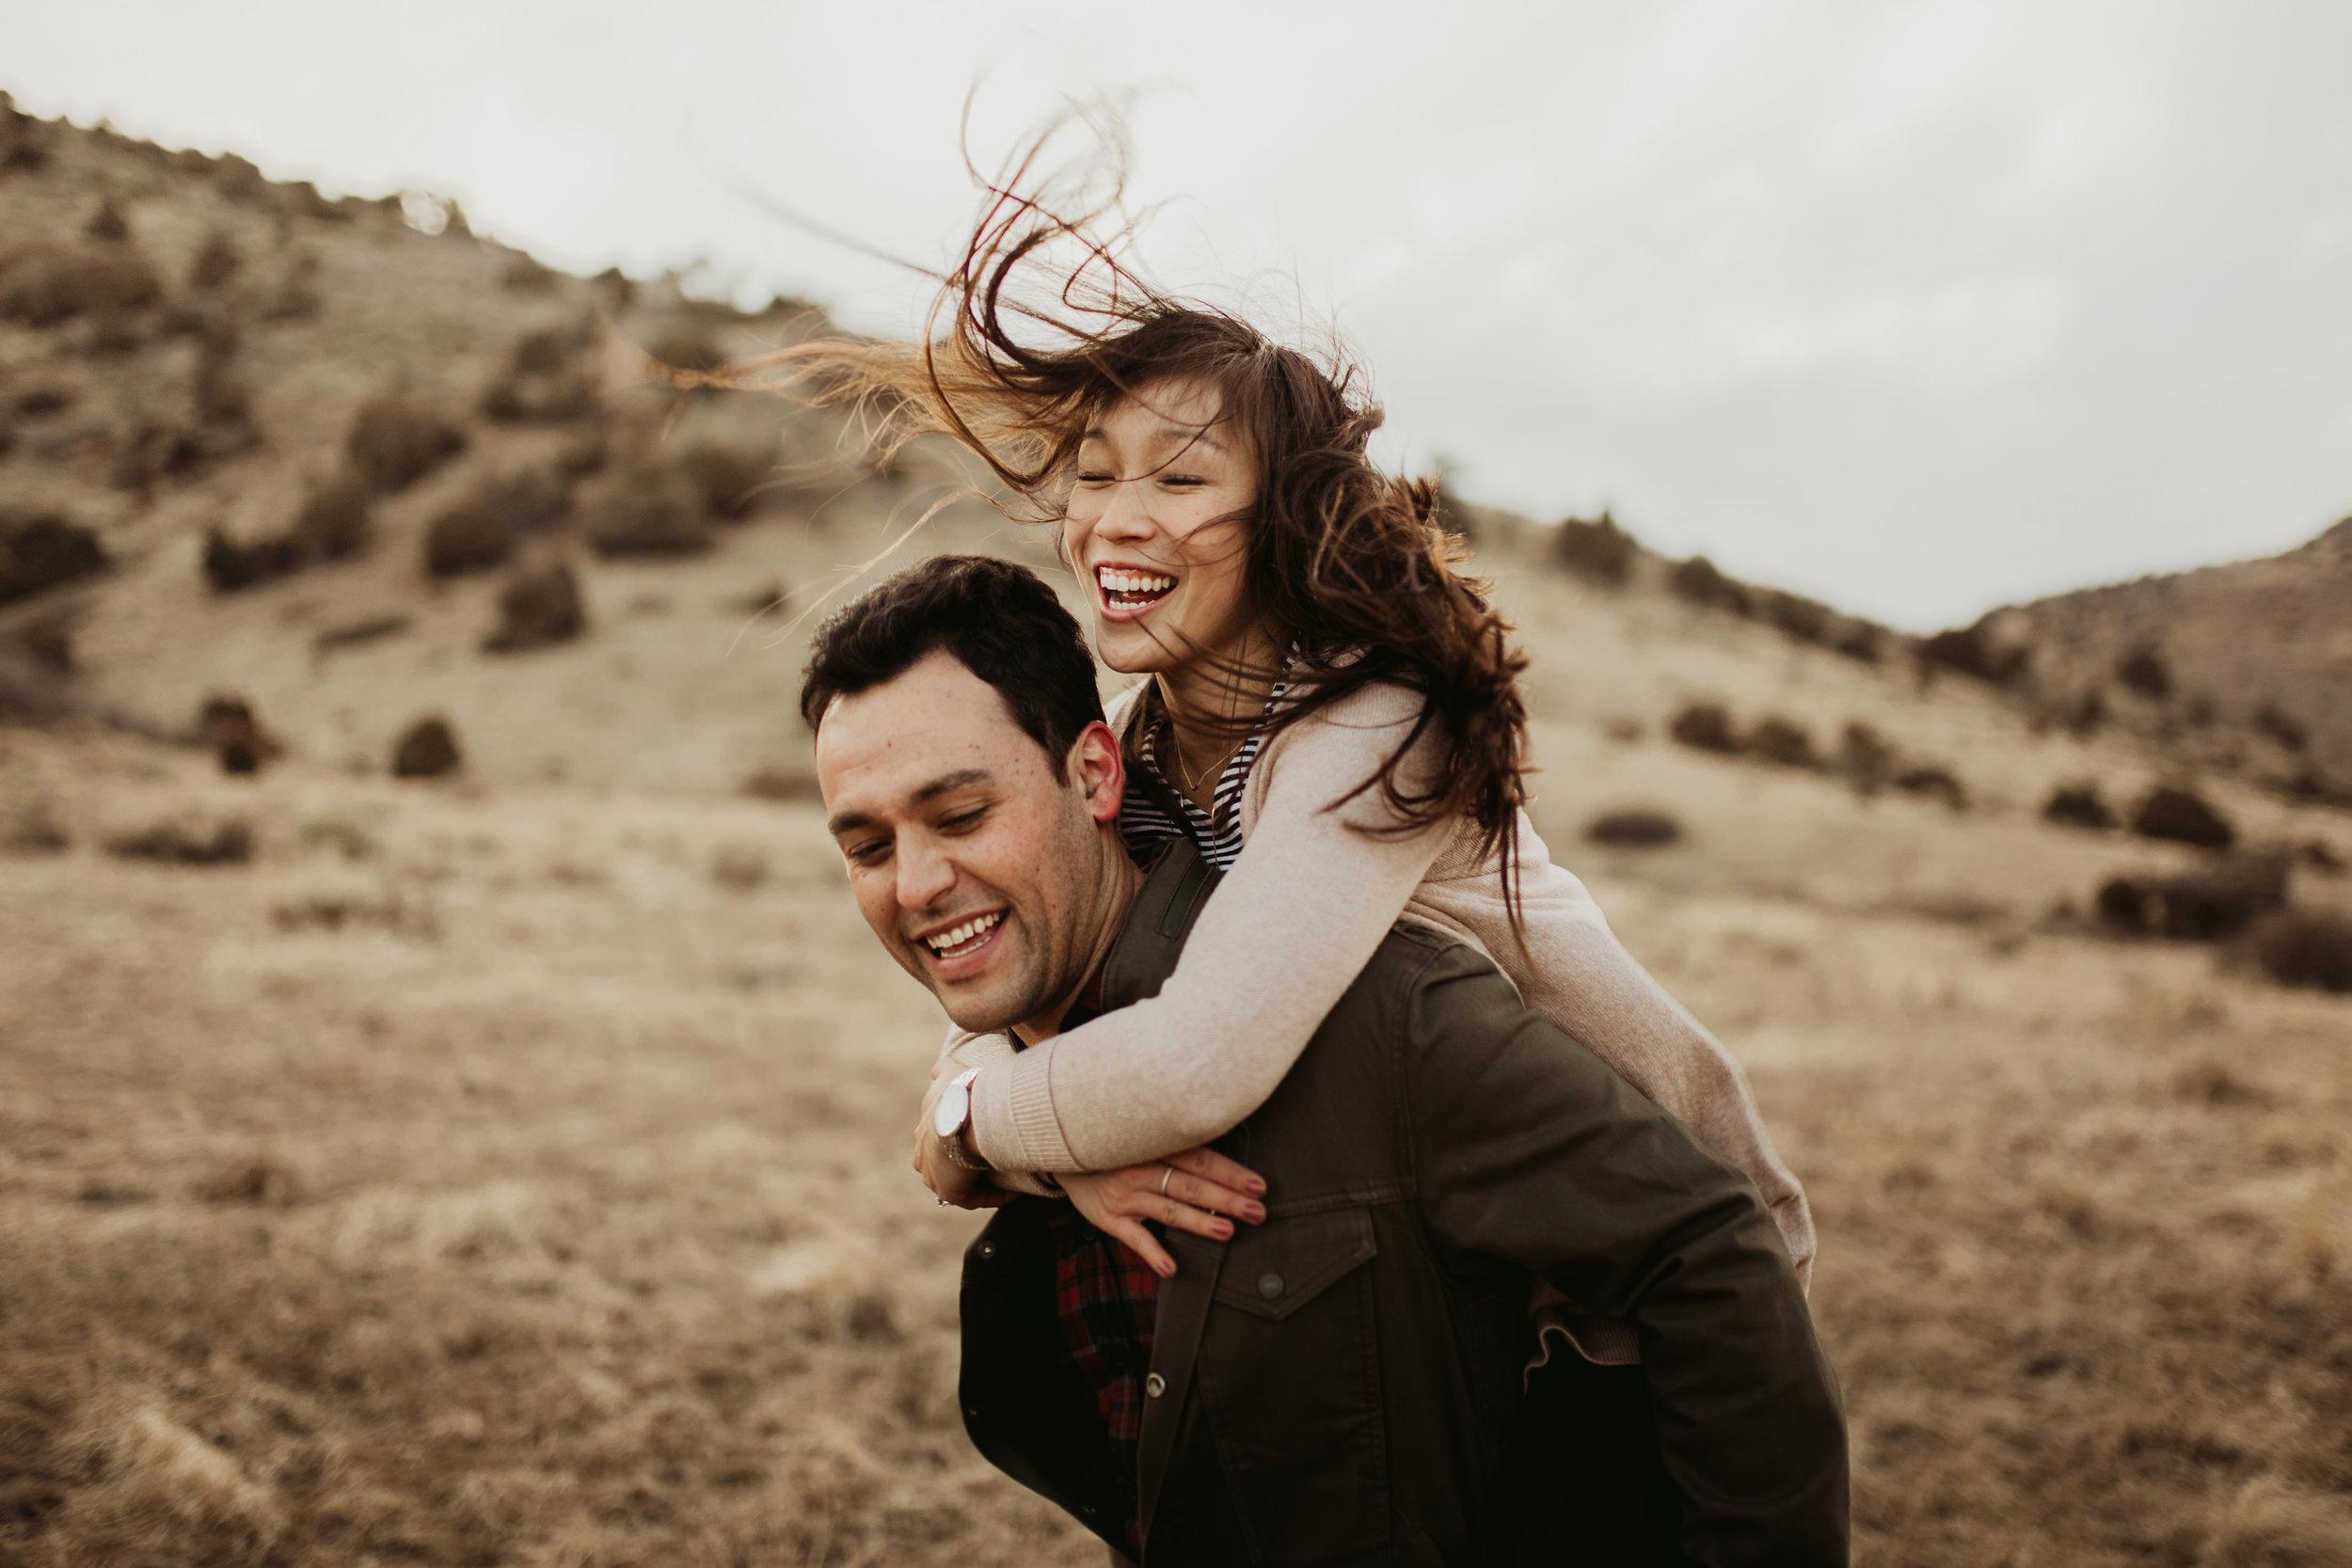 colorado+california+wedding+photographer22.jpg